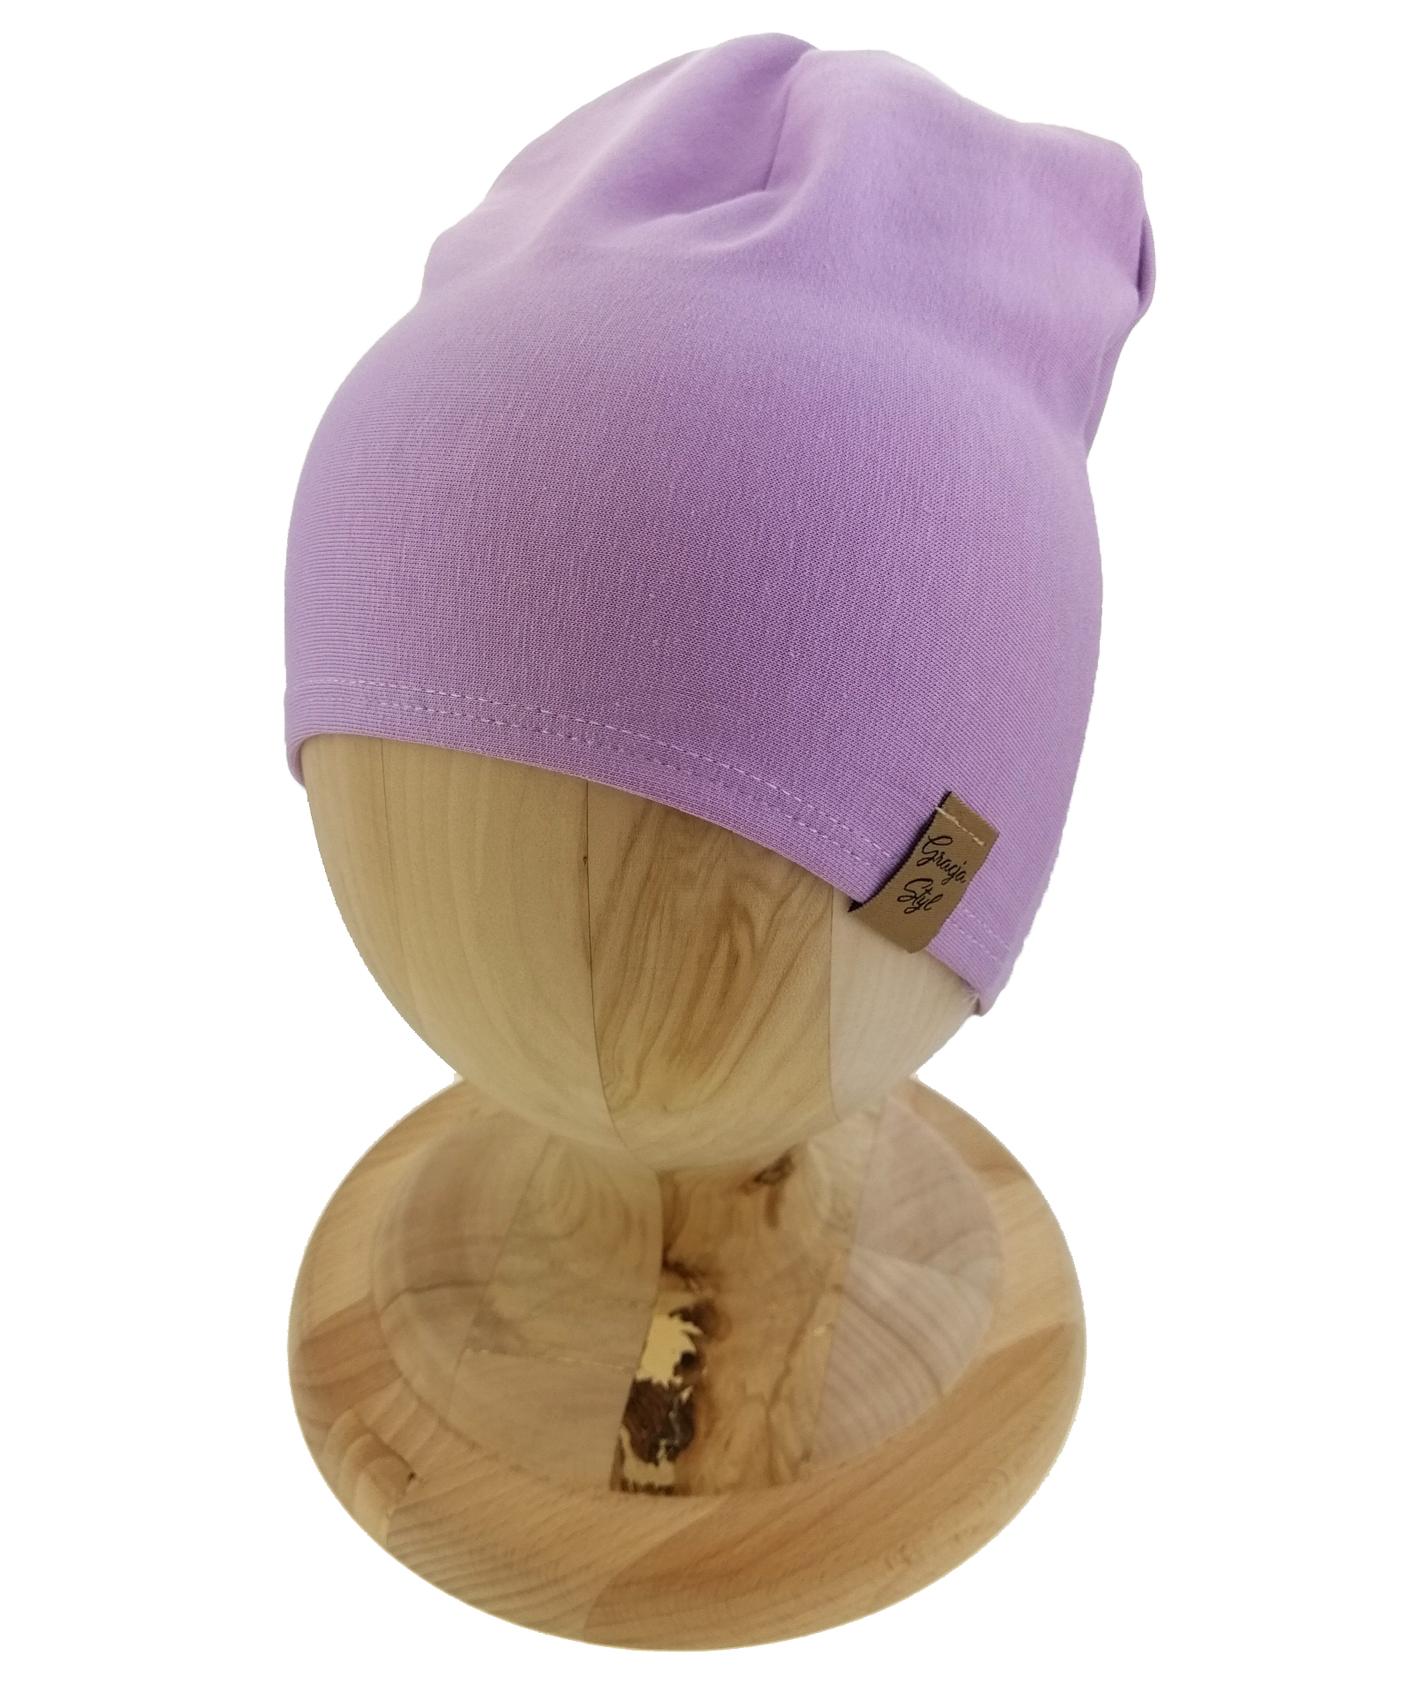 Czapka typu smerfetka, uszyta z bawełny petelkowej. Kolor liliowy.